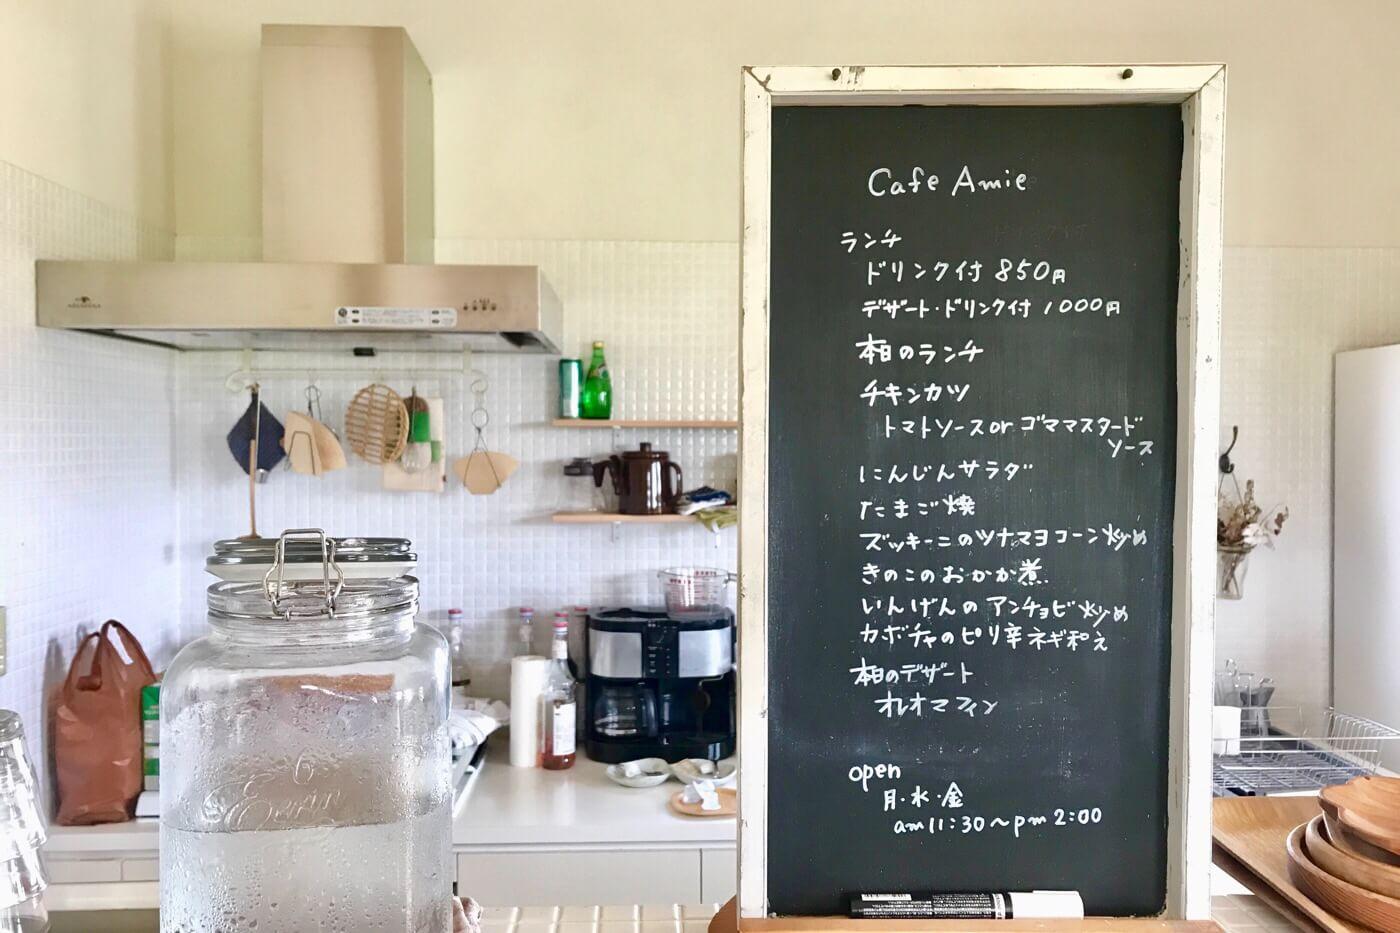 高知・南国市 cafe Amie(カフェアミー)の店内に掲載されたメニュー(ランチの内容)